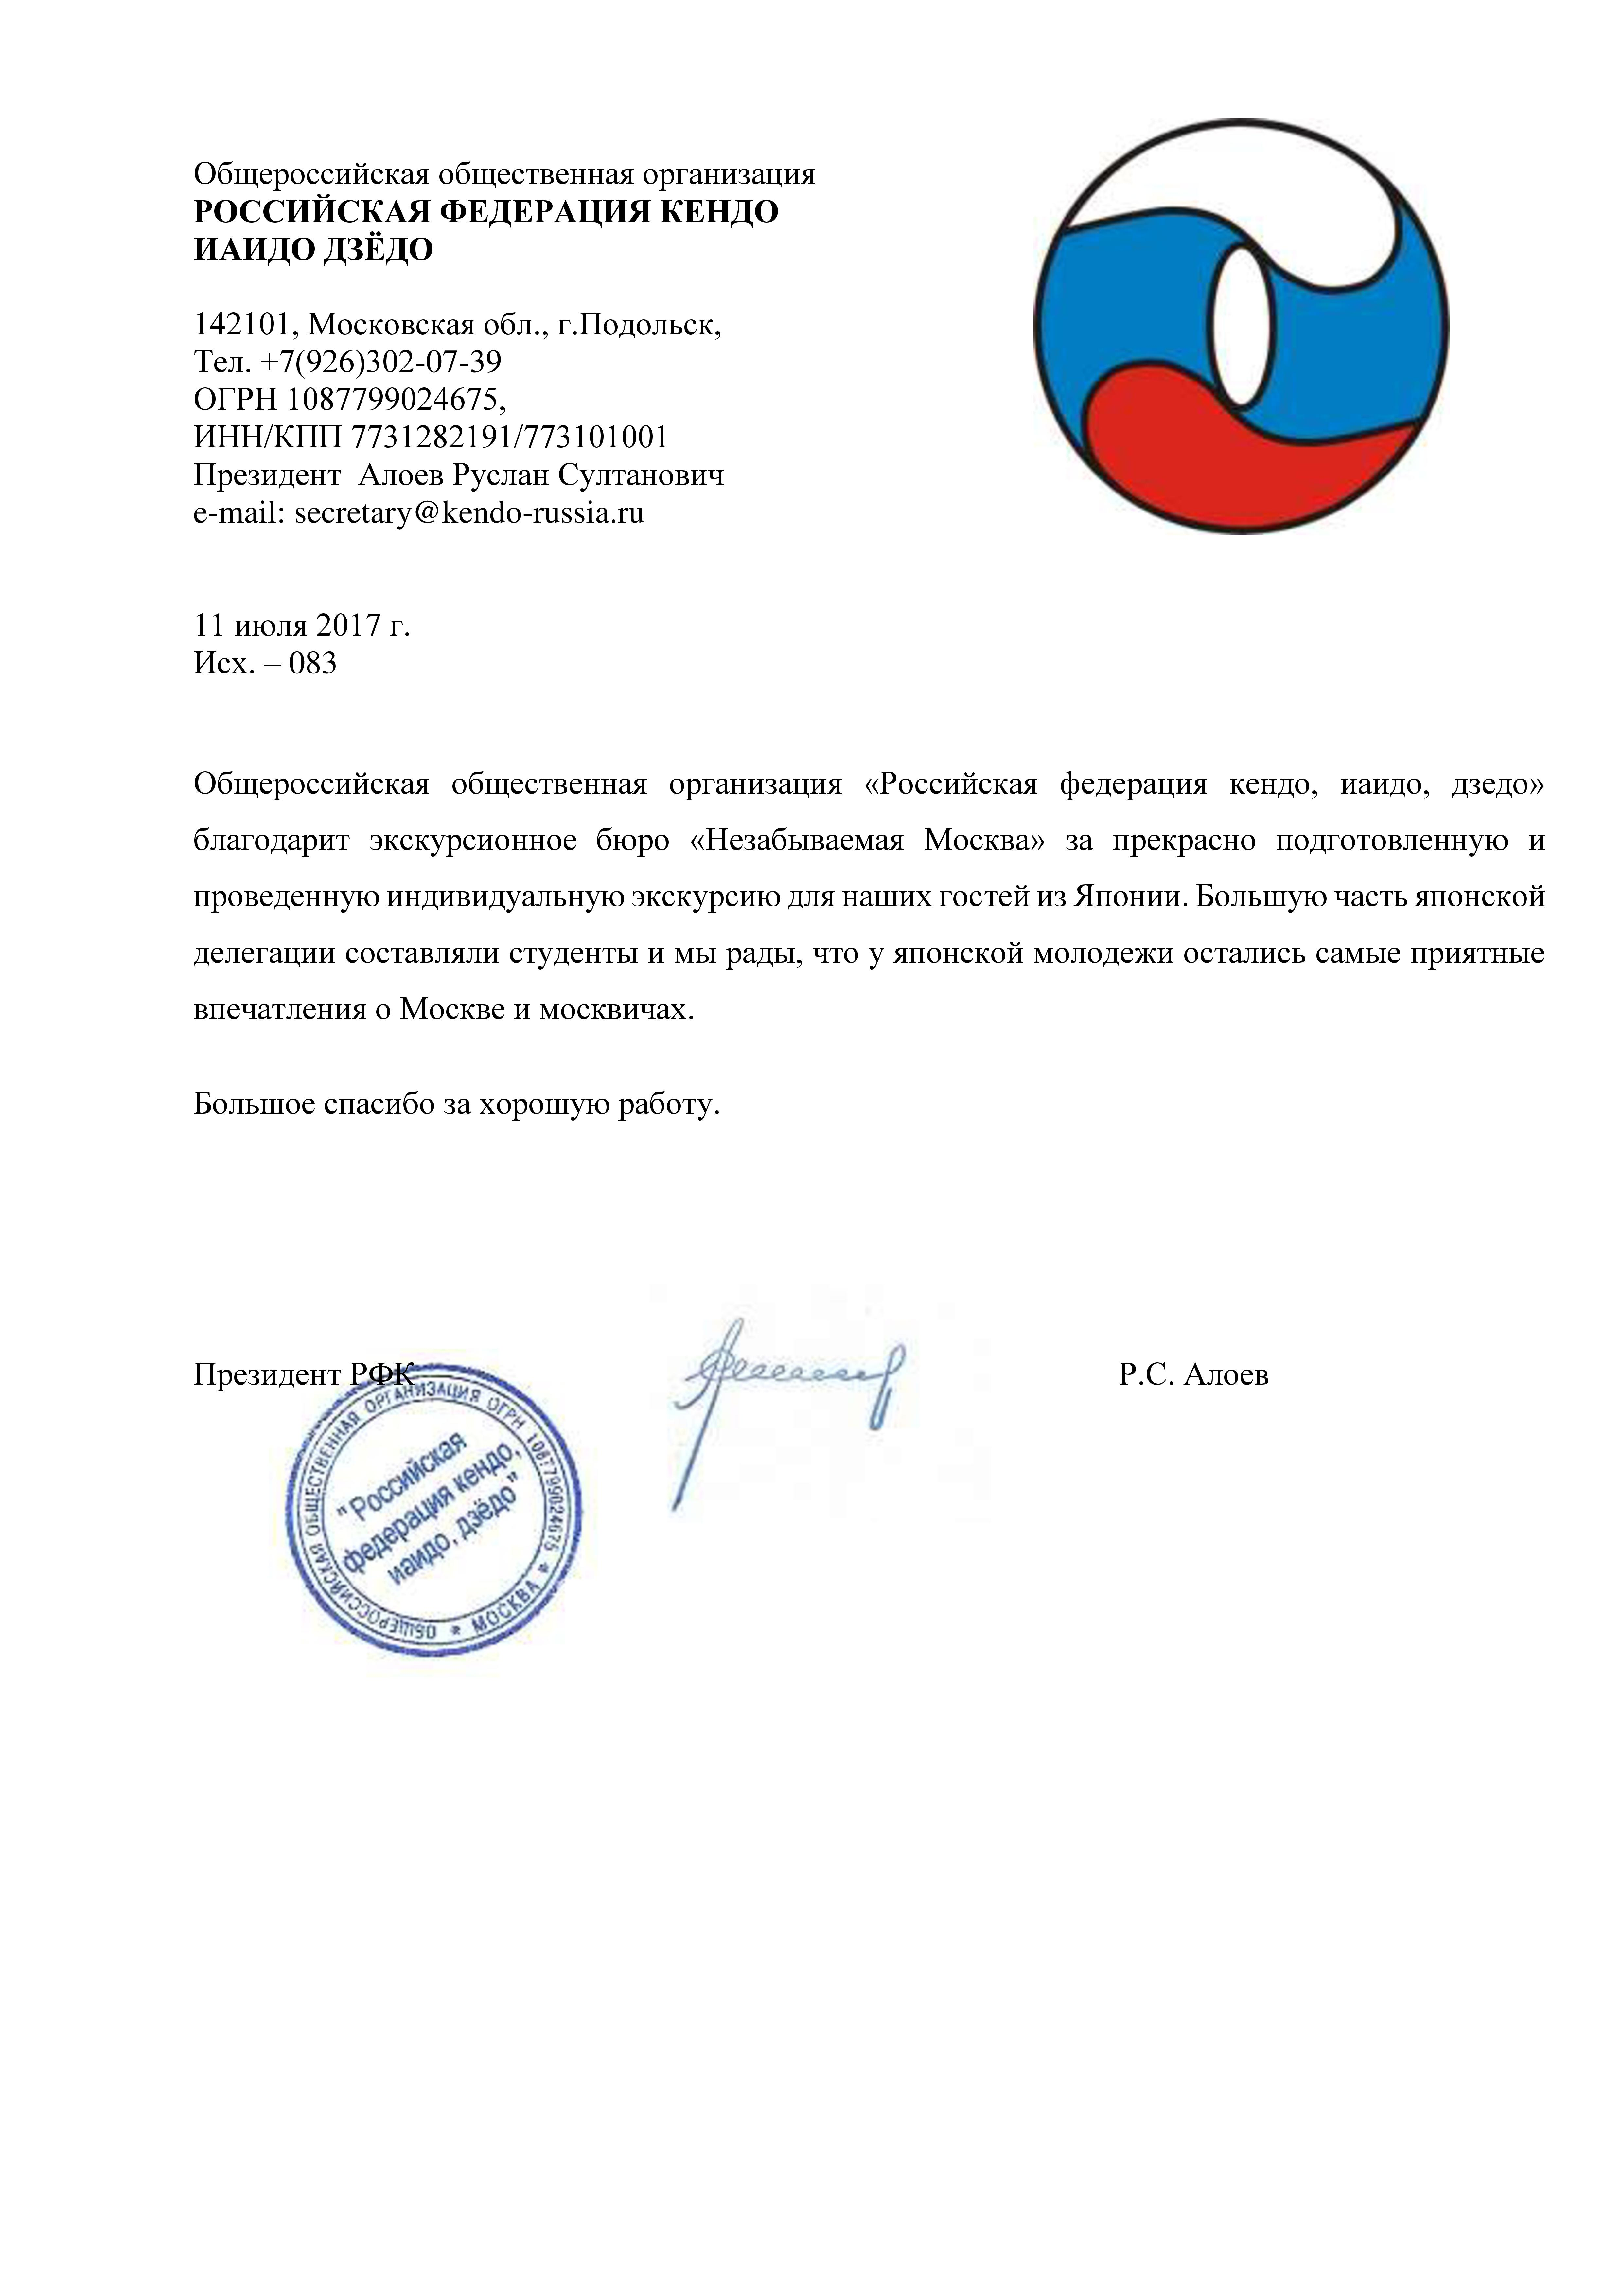 Благодарственное письмо от Российской Федерации кендо, наидо и дзёдо